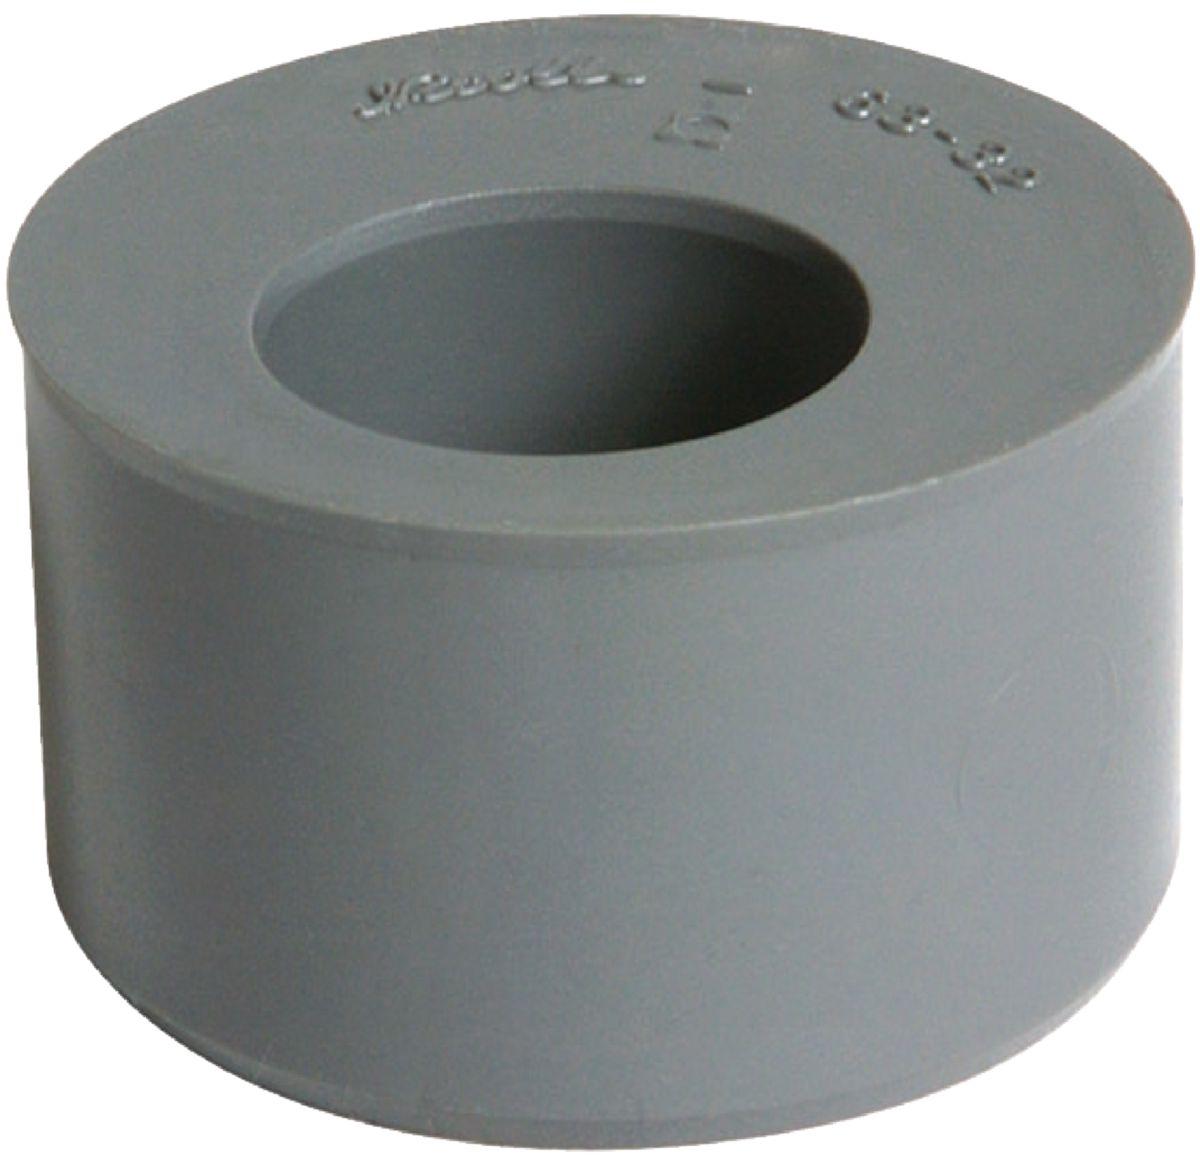 nicoll tampon de r duction m le femelle ut4 pvc gris. Black Bedroom Furniture Sets. Home Design Ideas